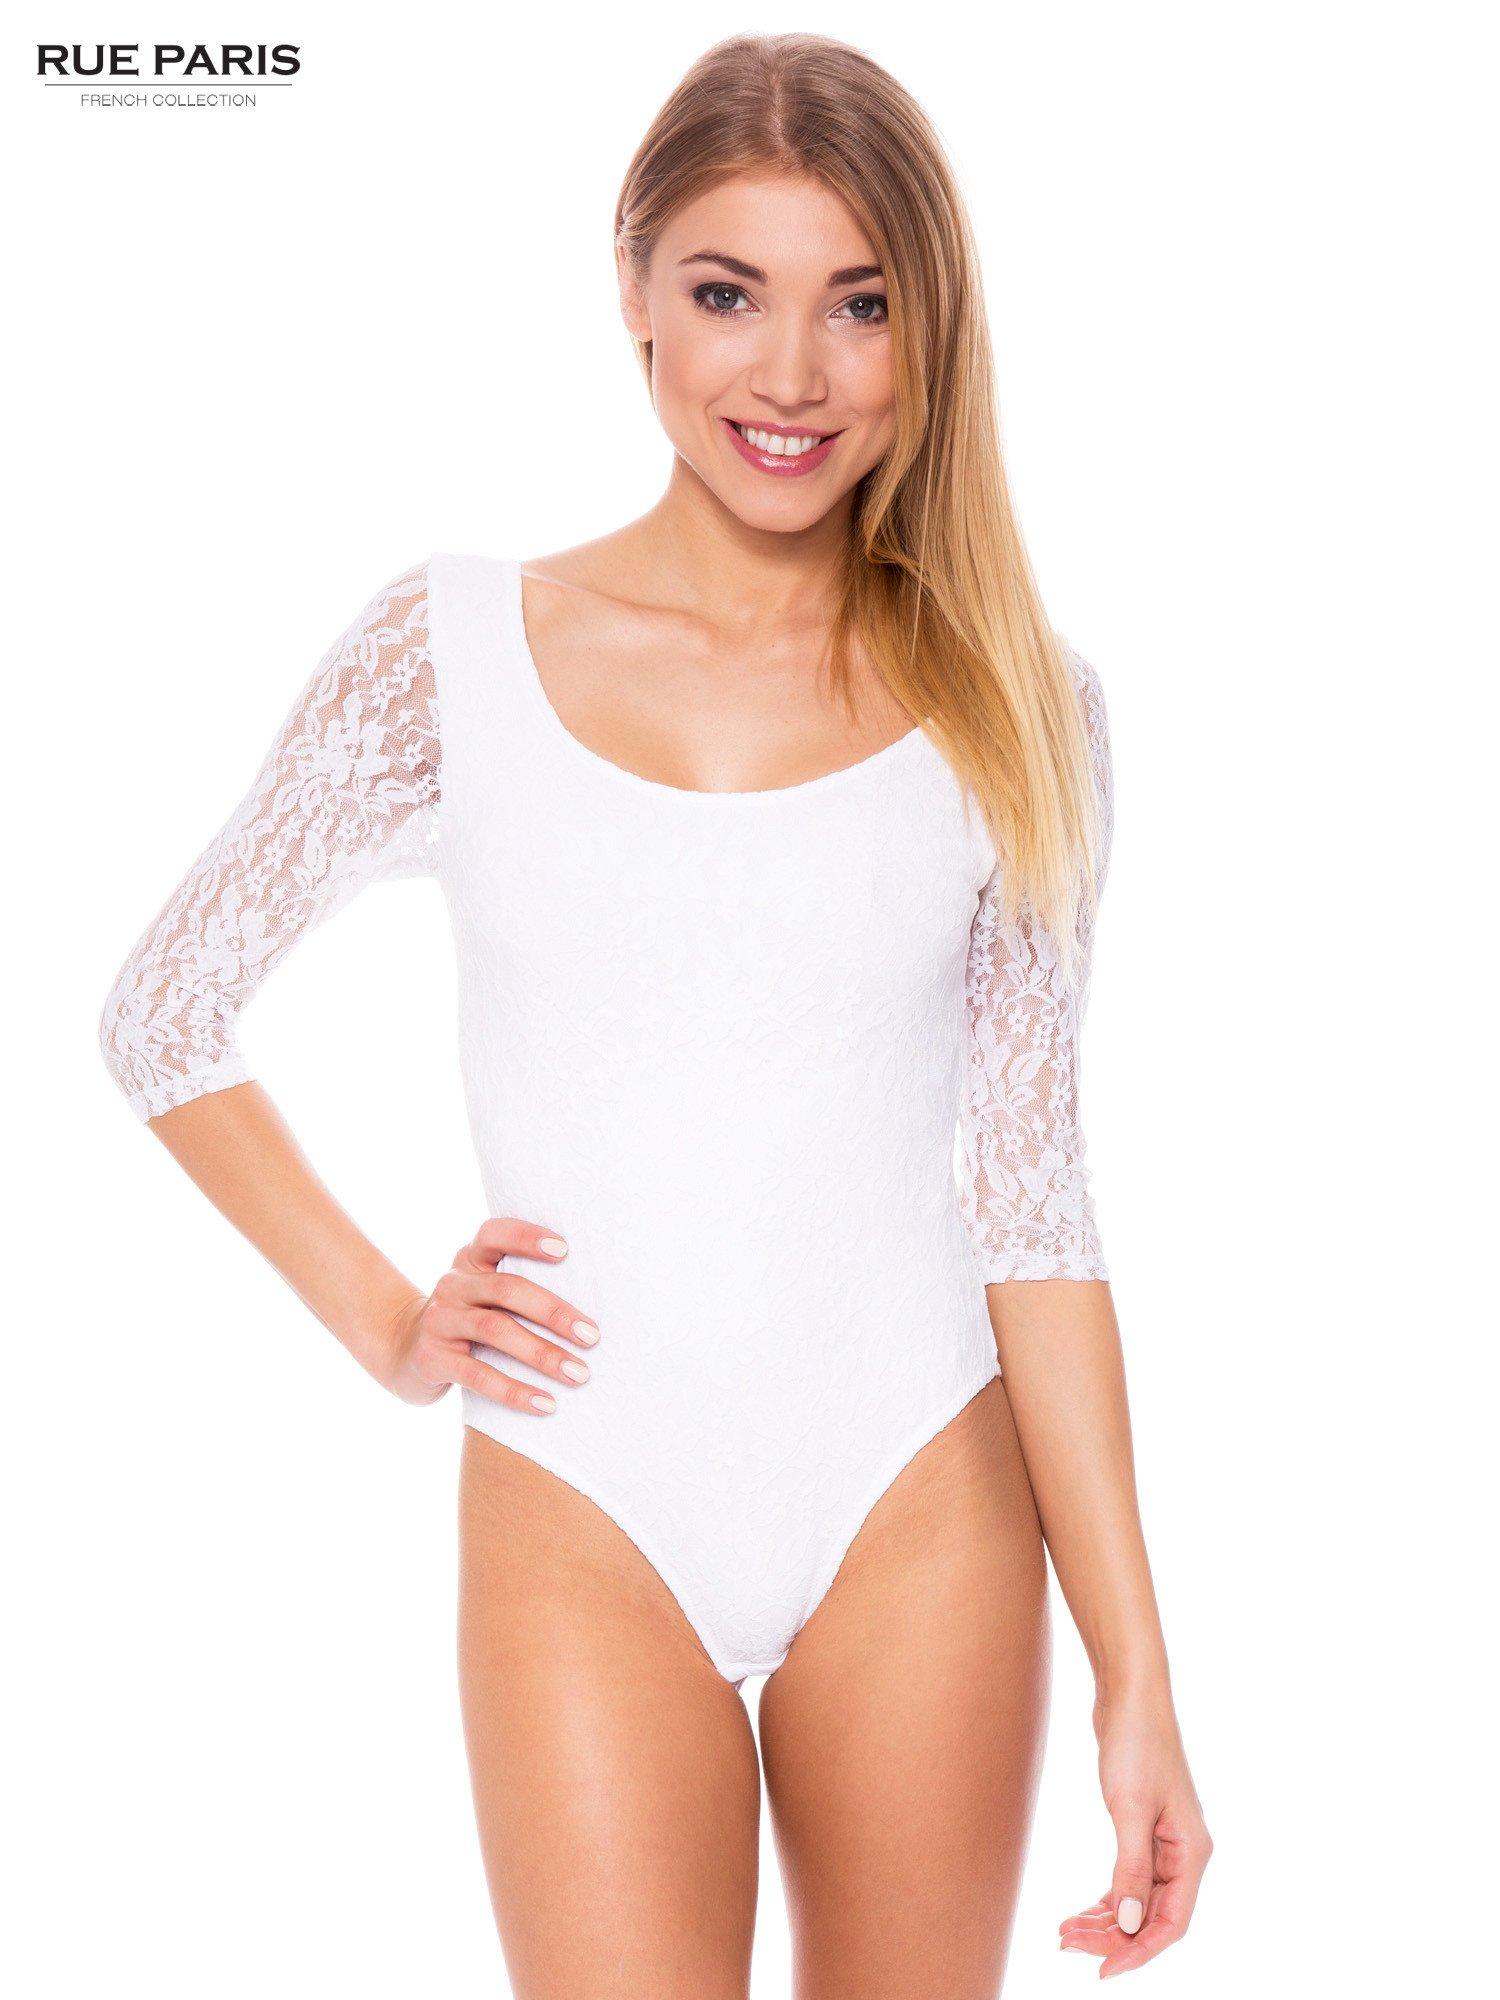 e0b8cd1396df89 Białe body damskie z koronkowym tyłem i rękawami - Bluzka body ...